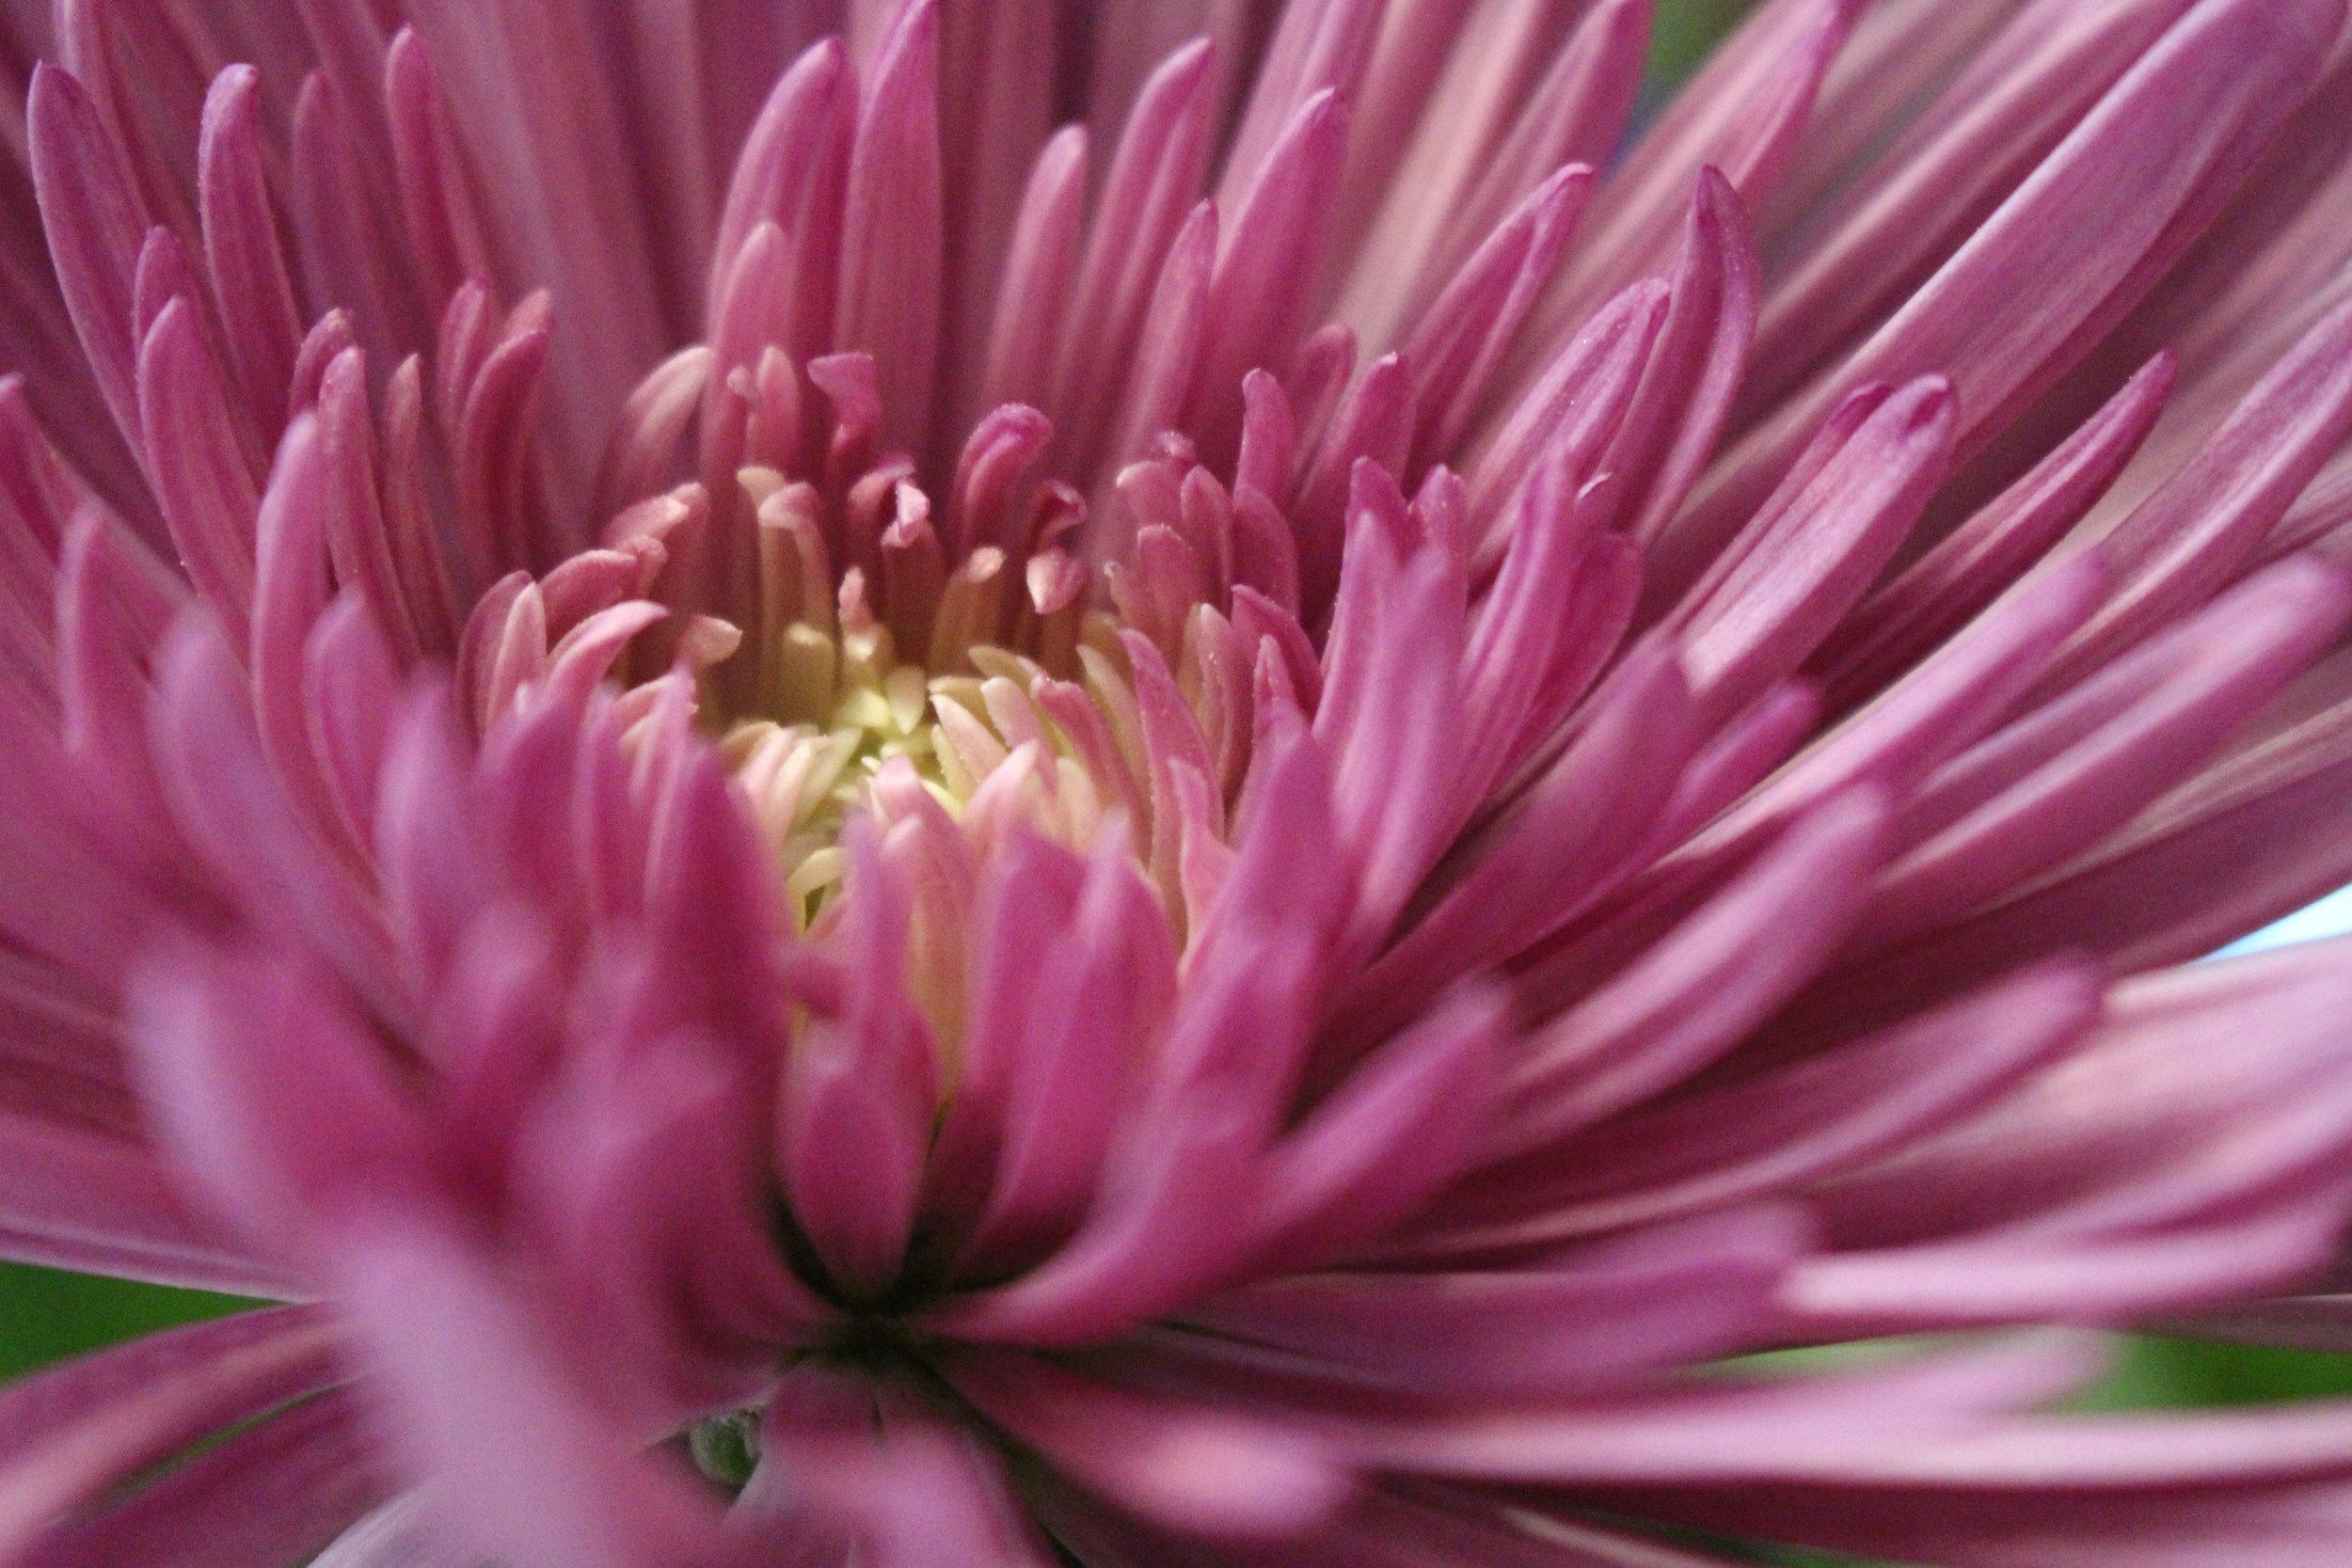 #108 Chrysanthemum,  Chrysanthemum  coronarium